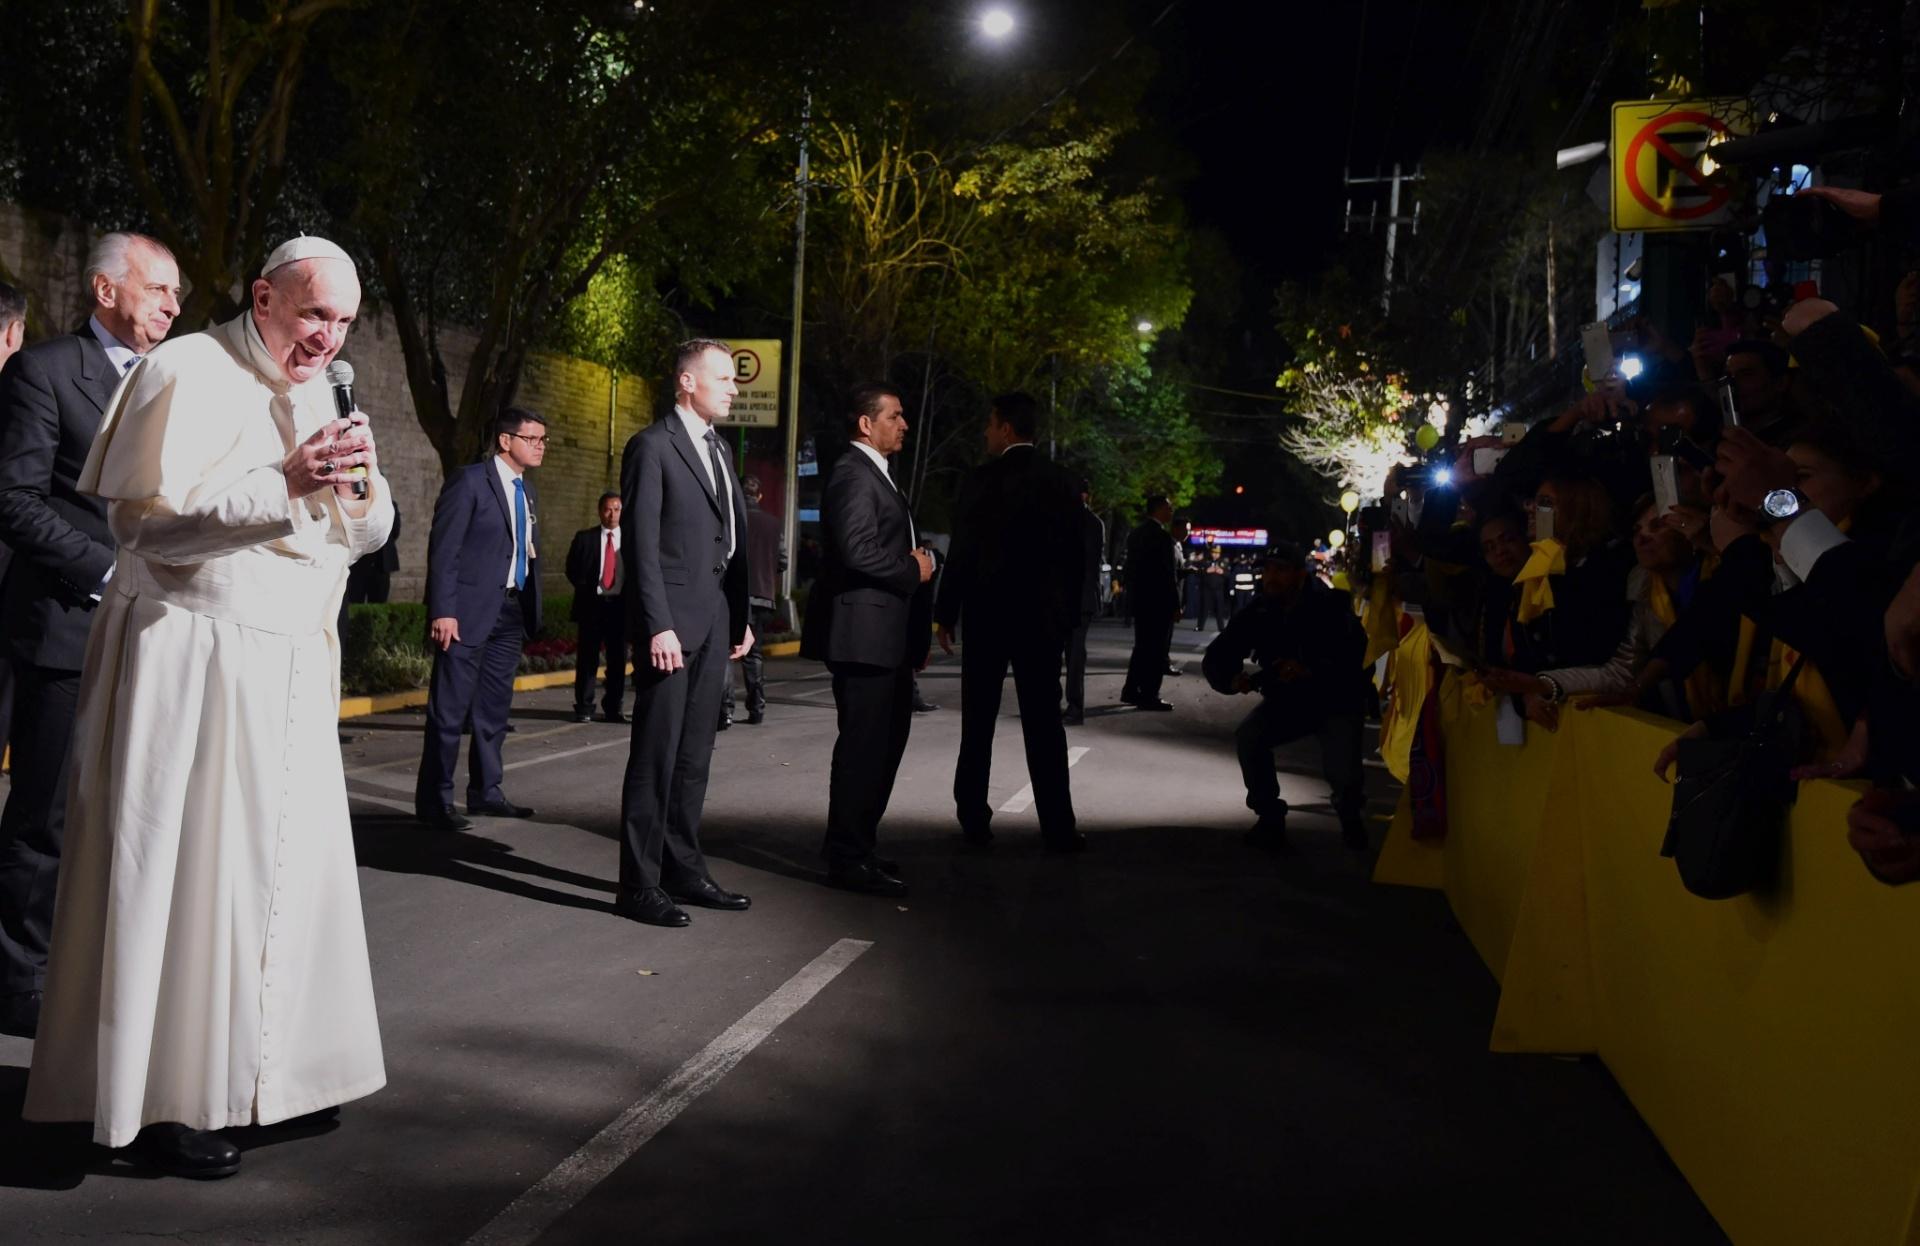 12.fev.2016 - Papa Francisco reza em frente a fieis em sua chegada à Cidade do México. Fiéis católicos foram às ruas da capital para cumprimentar o papa após o pontífice realizar uma reunião histórica com o chefe da Igreja Ortodoxa Russa em Cuba, na sexta-feira (12)